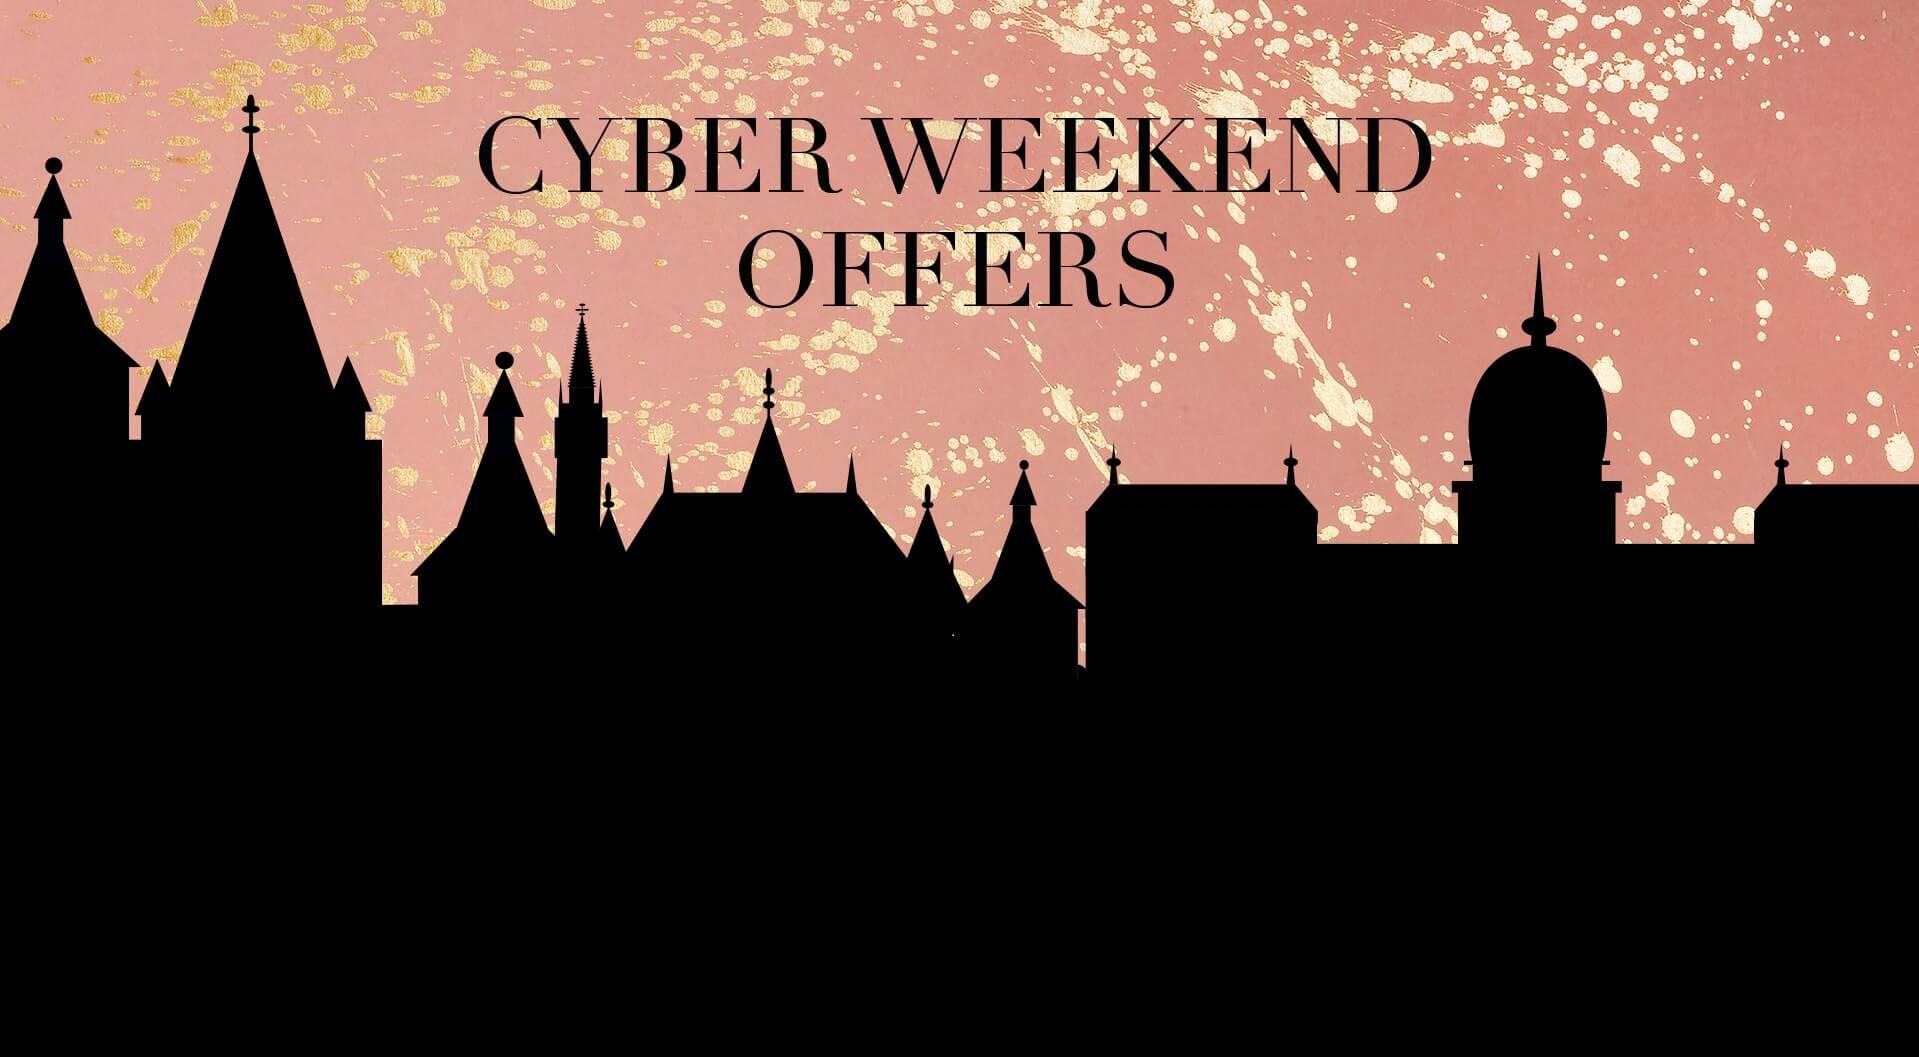 Cyber Weekend Offers